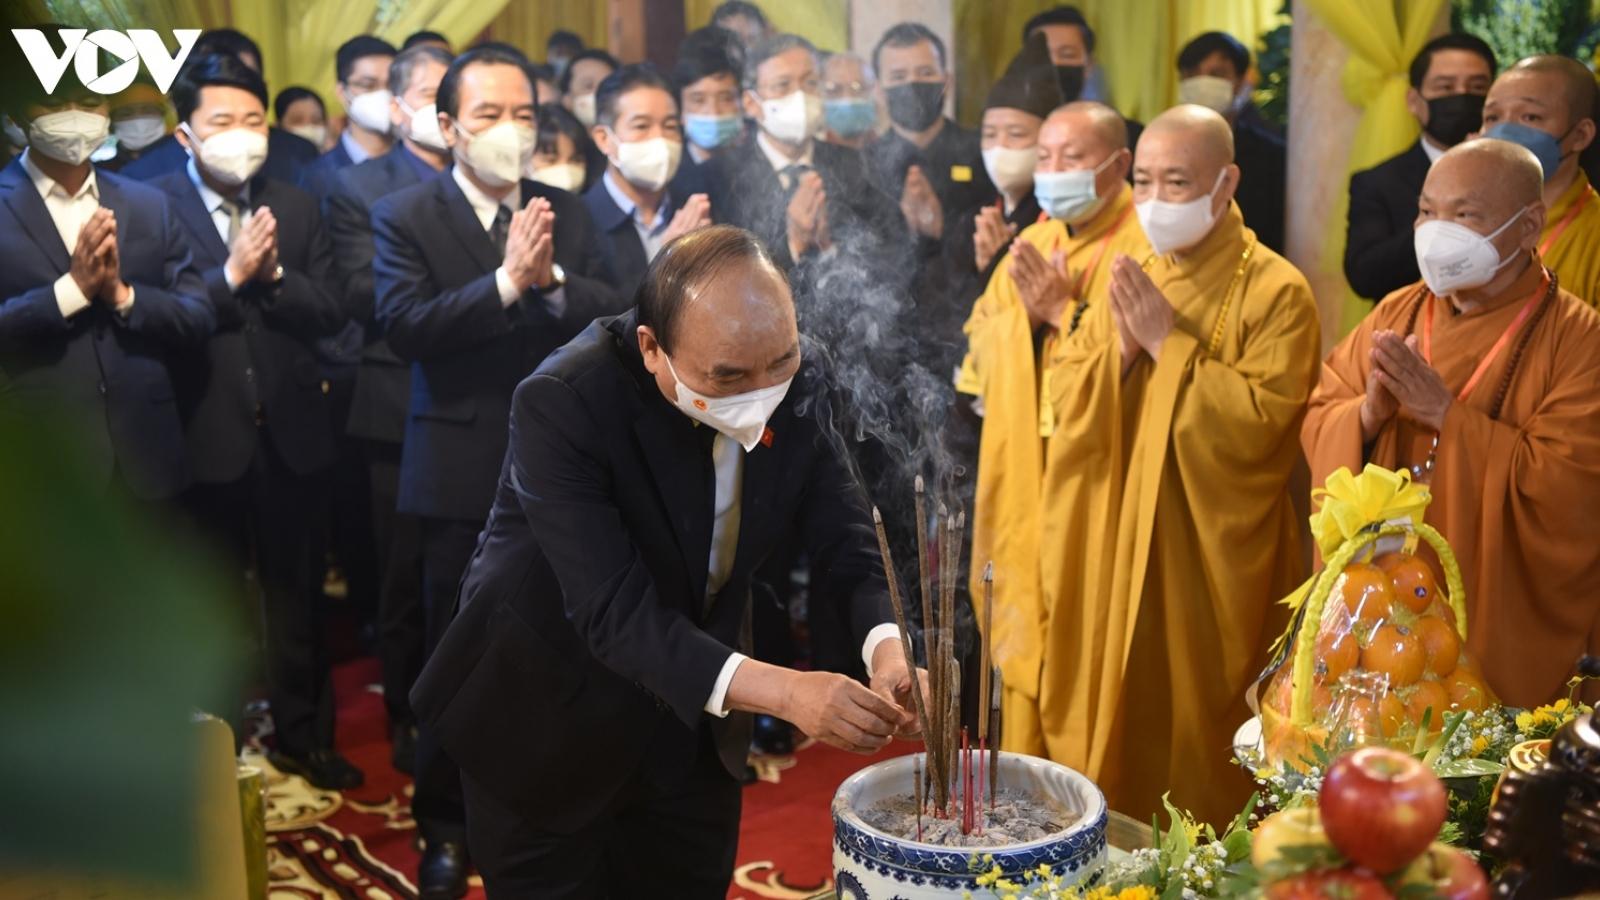 Ảnh: Nhiều đoàn đại biểu Đảng, Nhà nước viếng Đại lão Hòa thượng Thích Phổ Tuệ